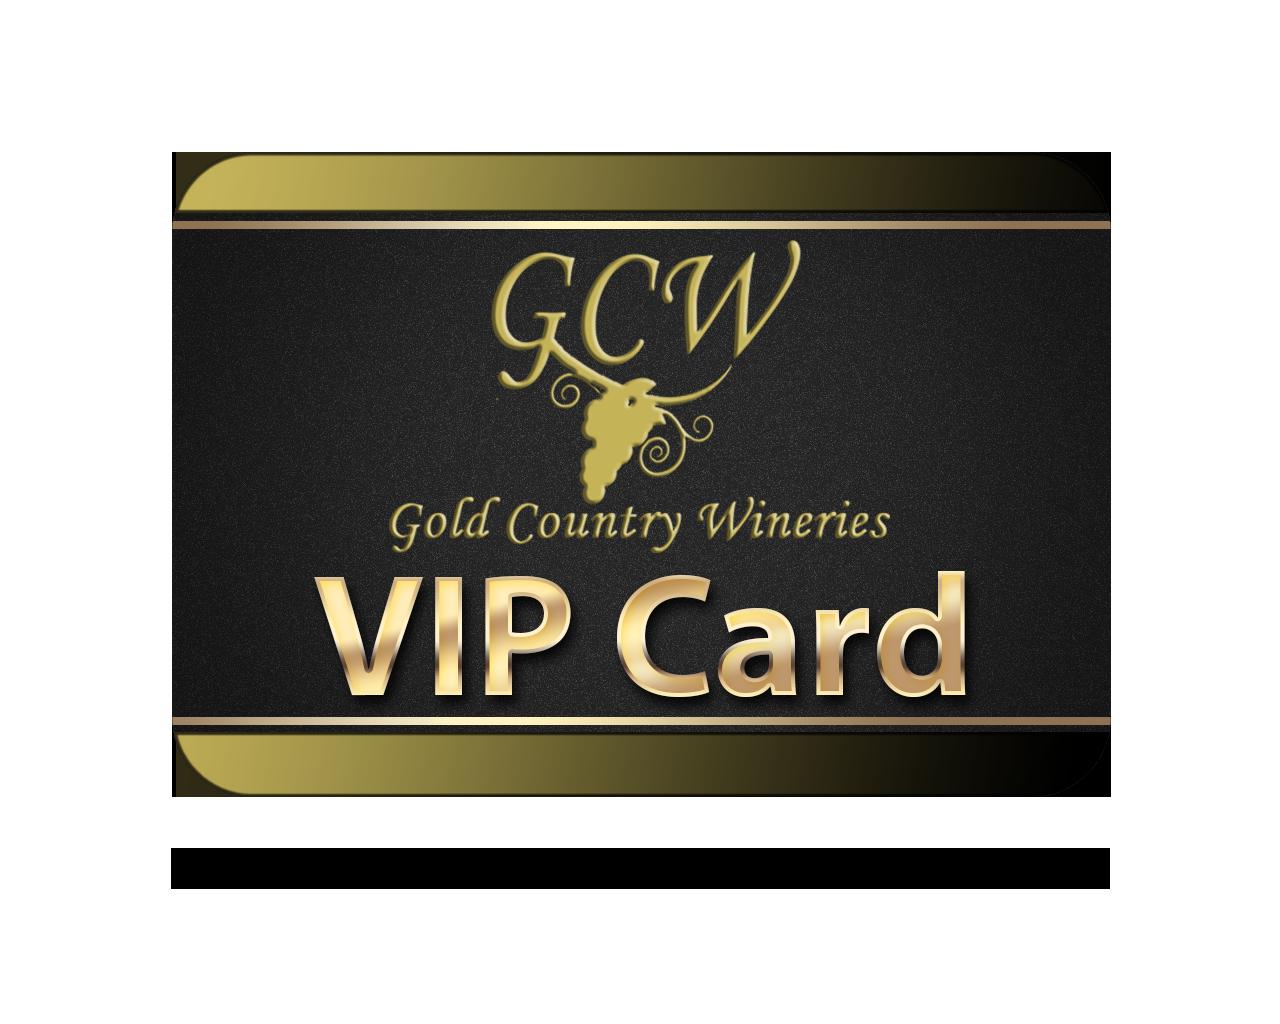 LÀM THẺ VIP CARD